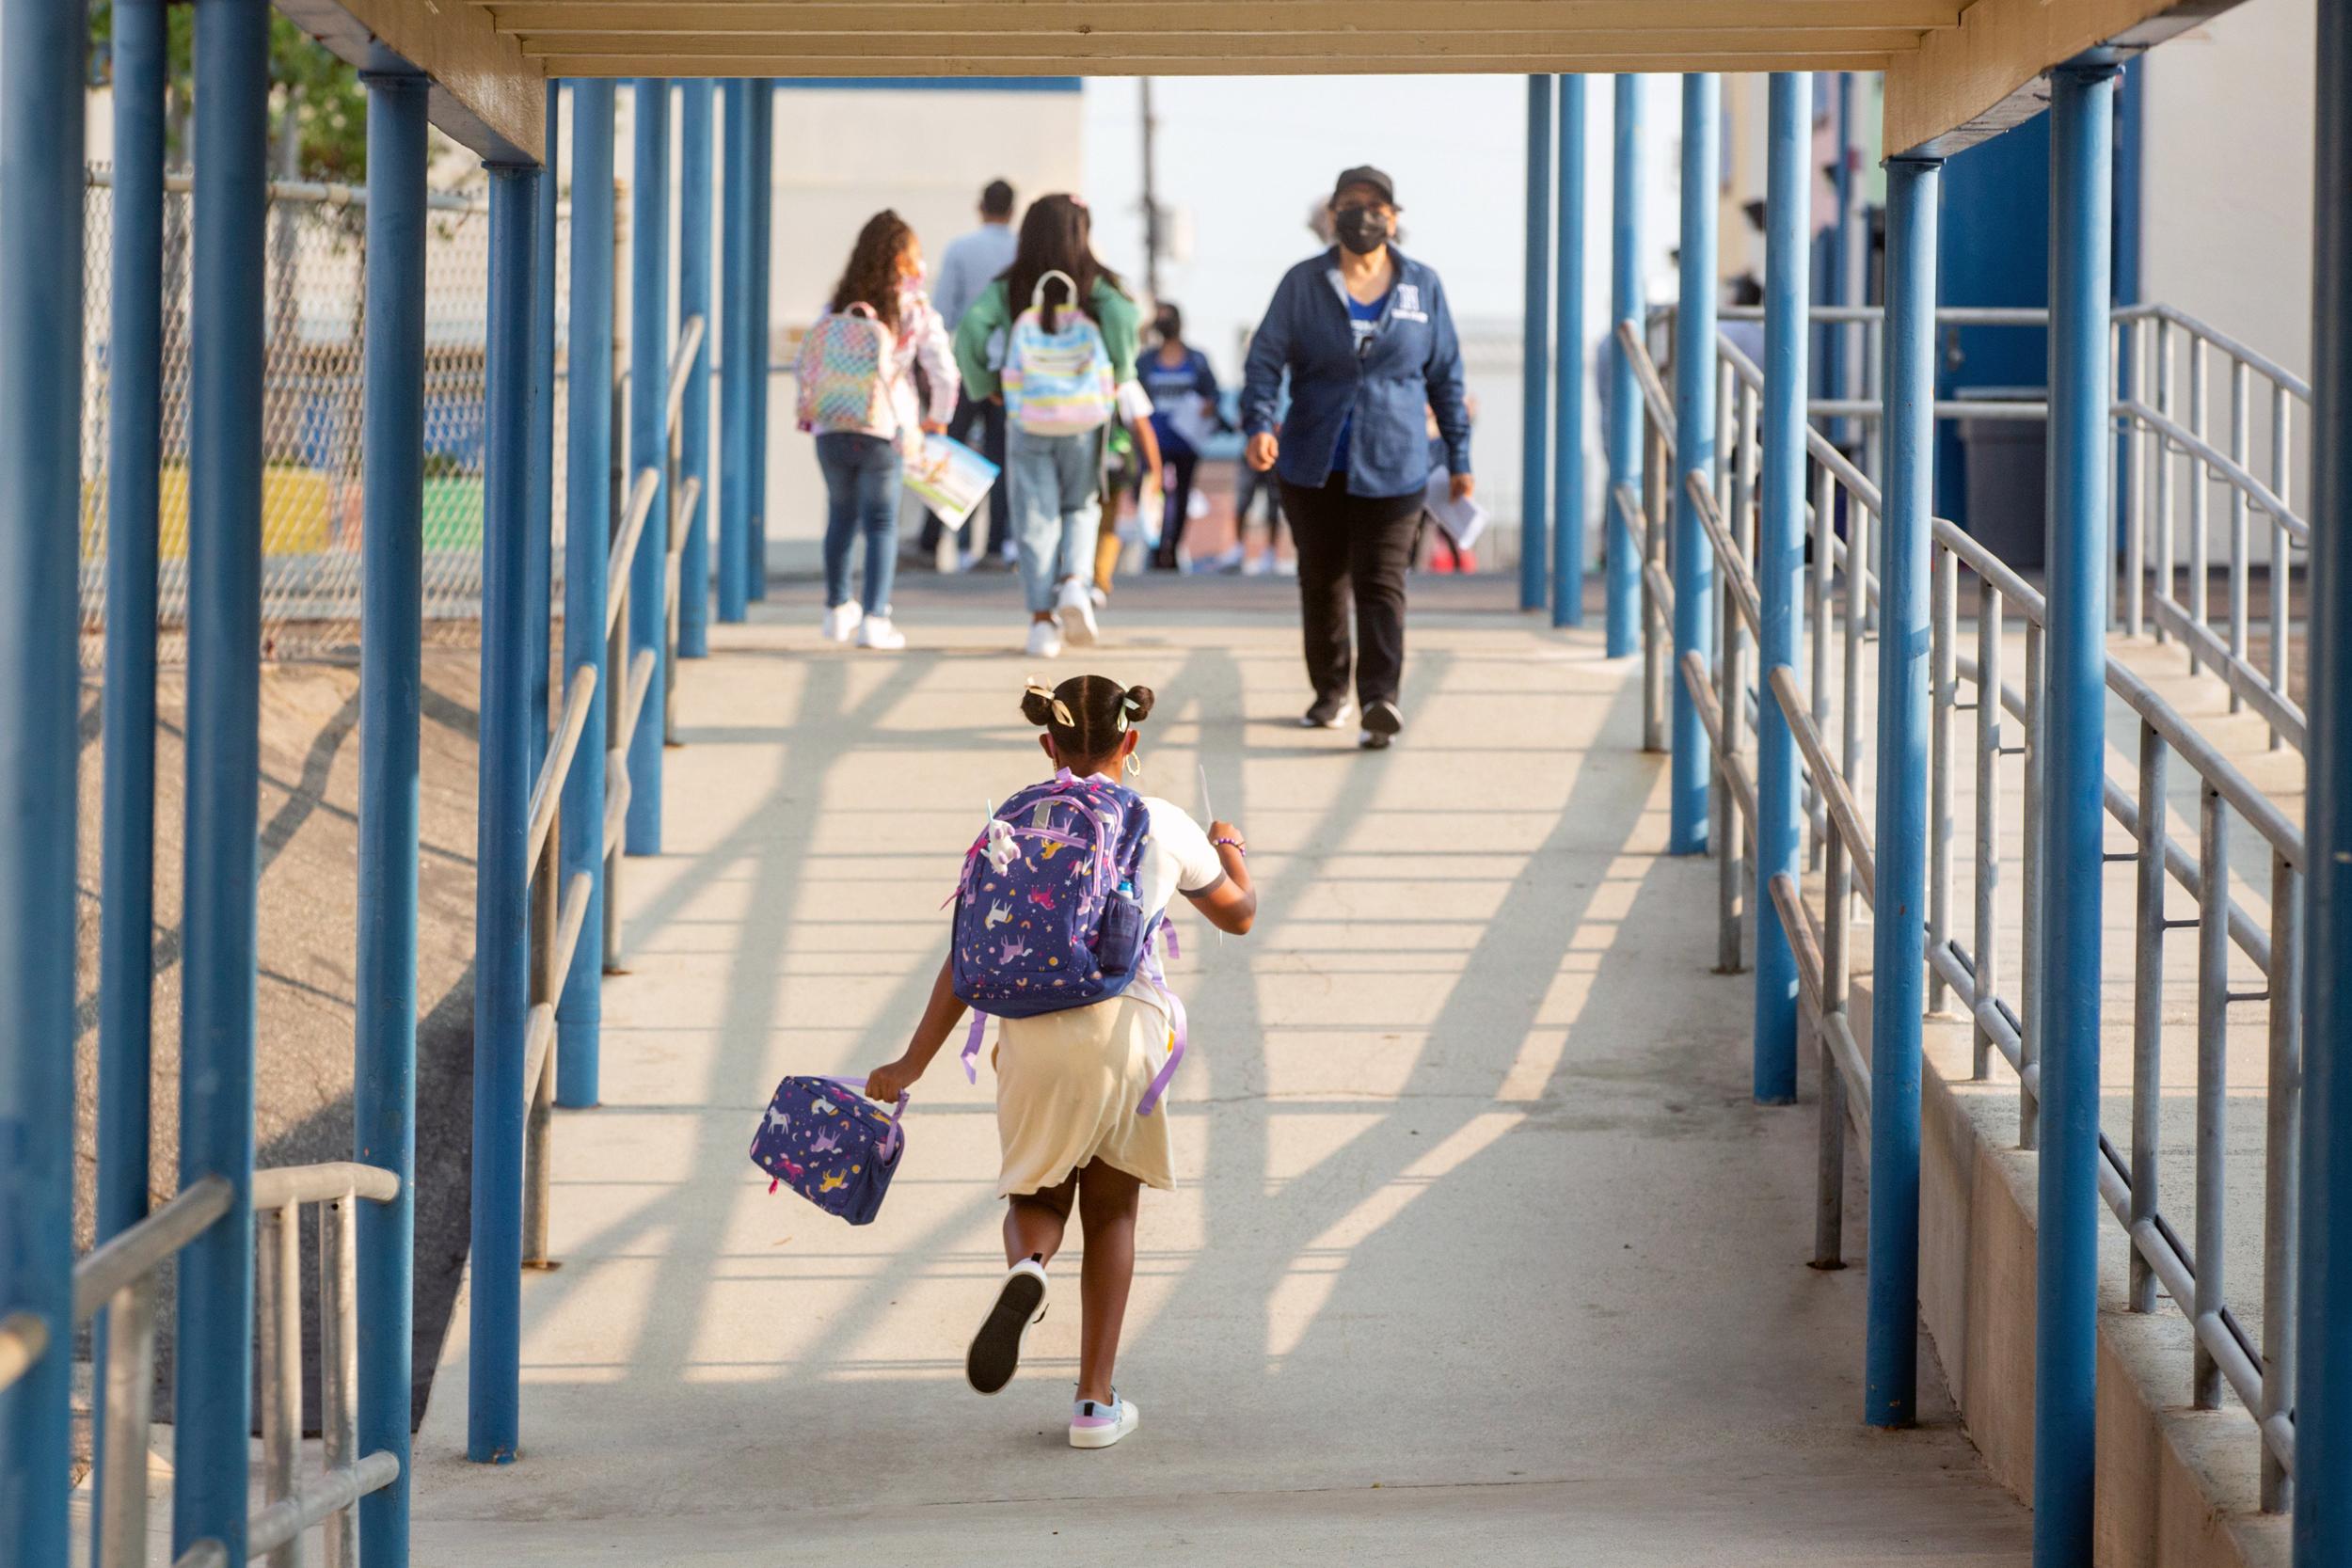 California to require Covid vaccine for schoolchildren, Newsom announces